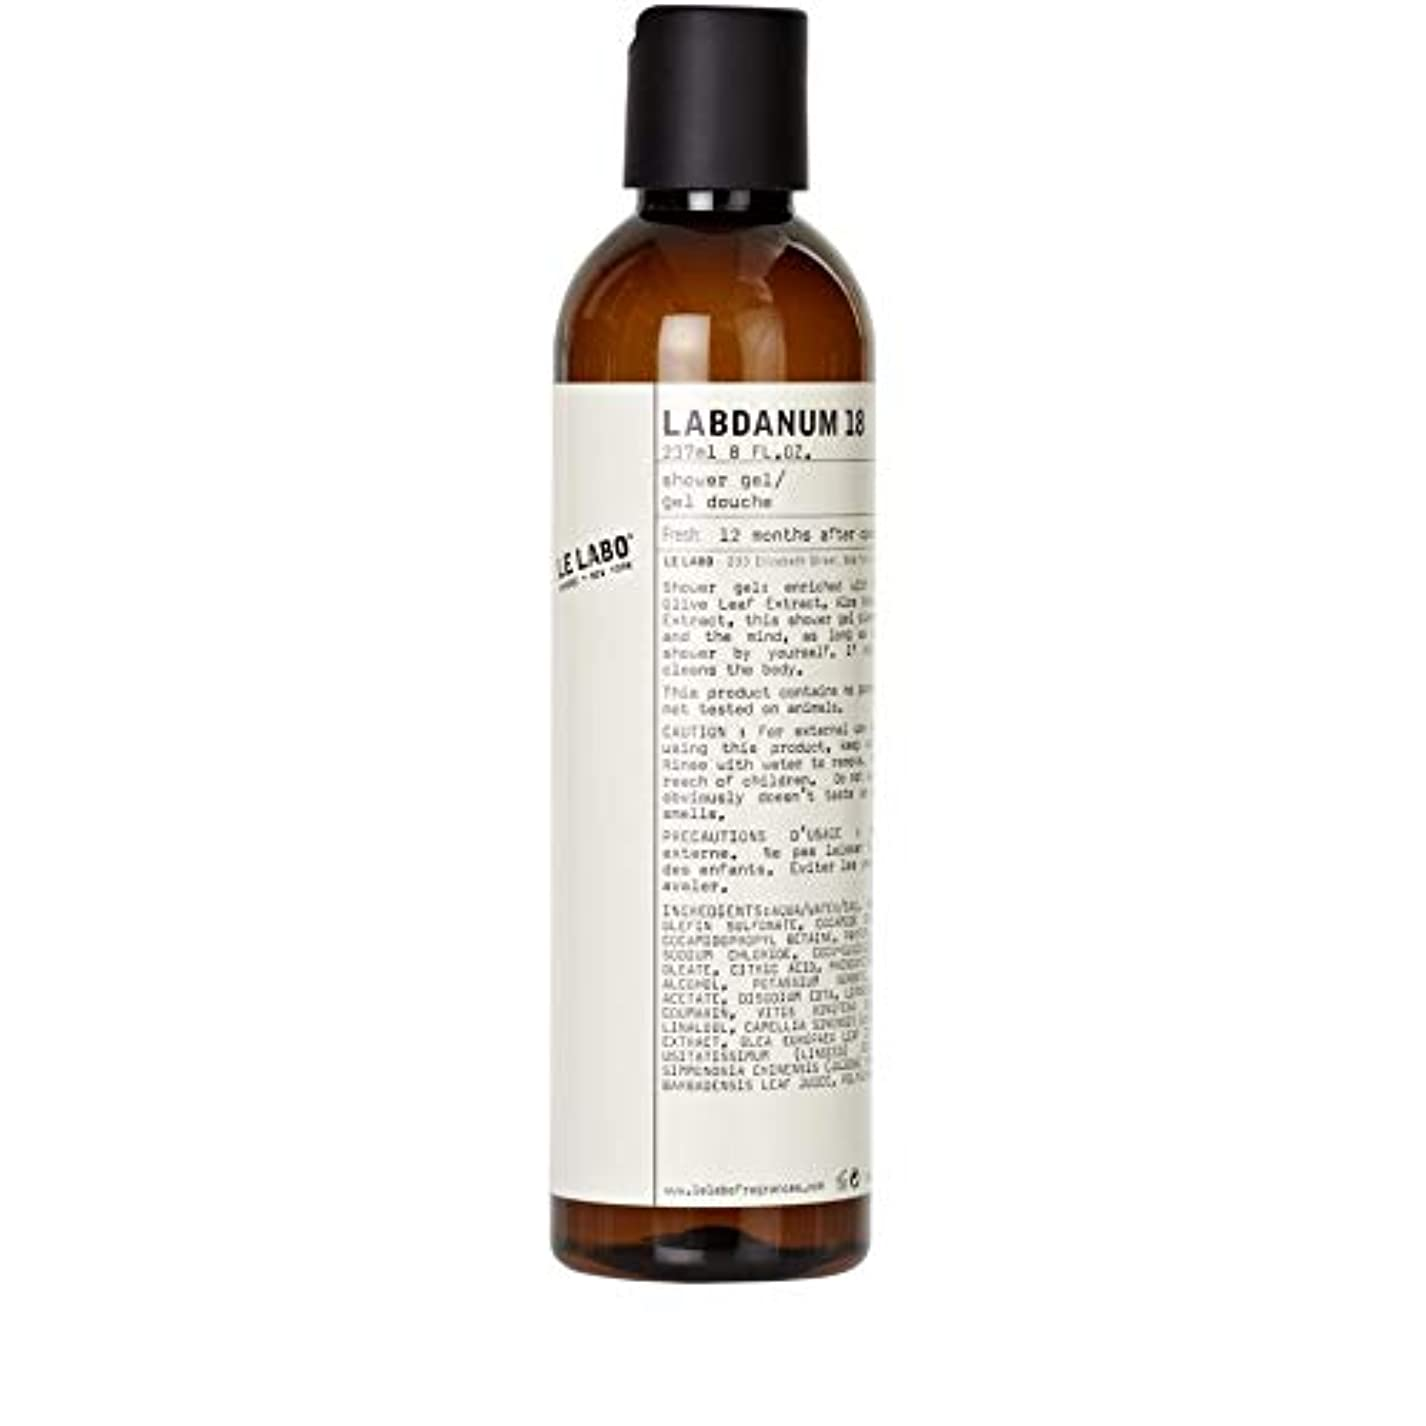 悩む仕方診断する[Le Labo ] ルラボラブダナム18シャワージェル237ミリリットル - Le Labo Labdanum 18 Shower Gel 237ml [並行輸入品]